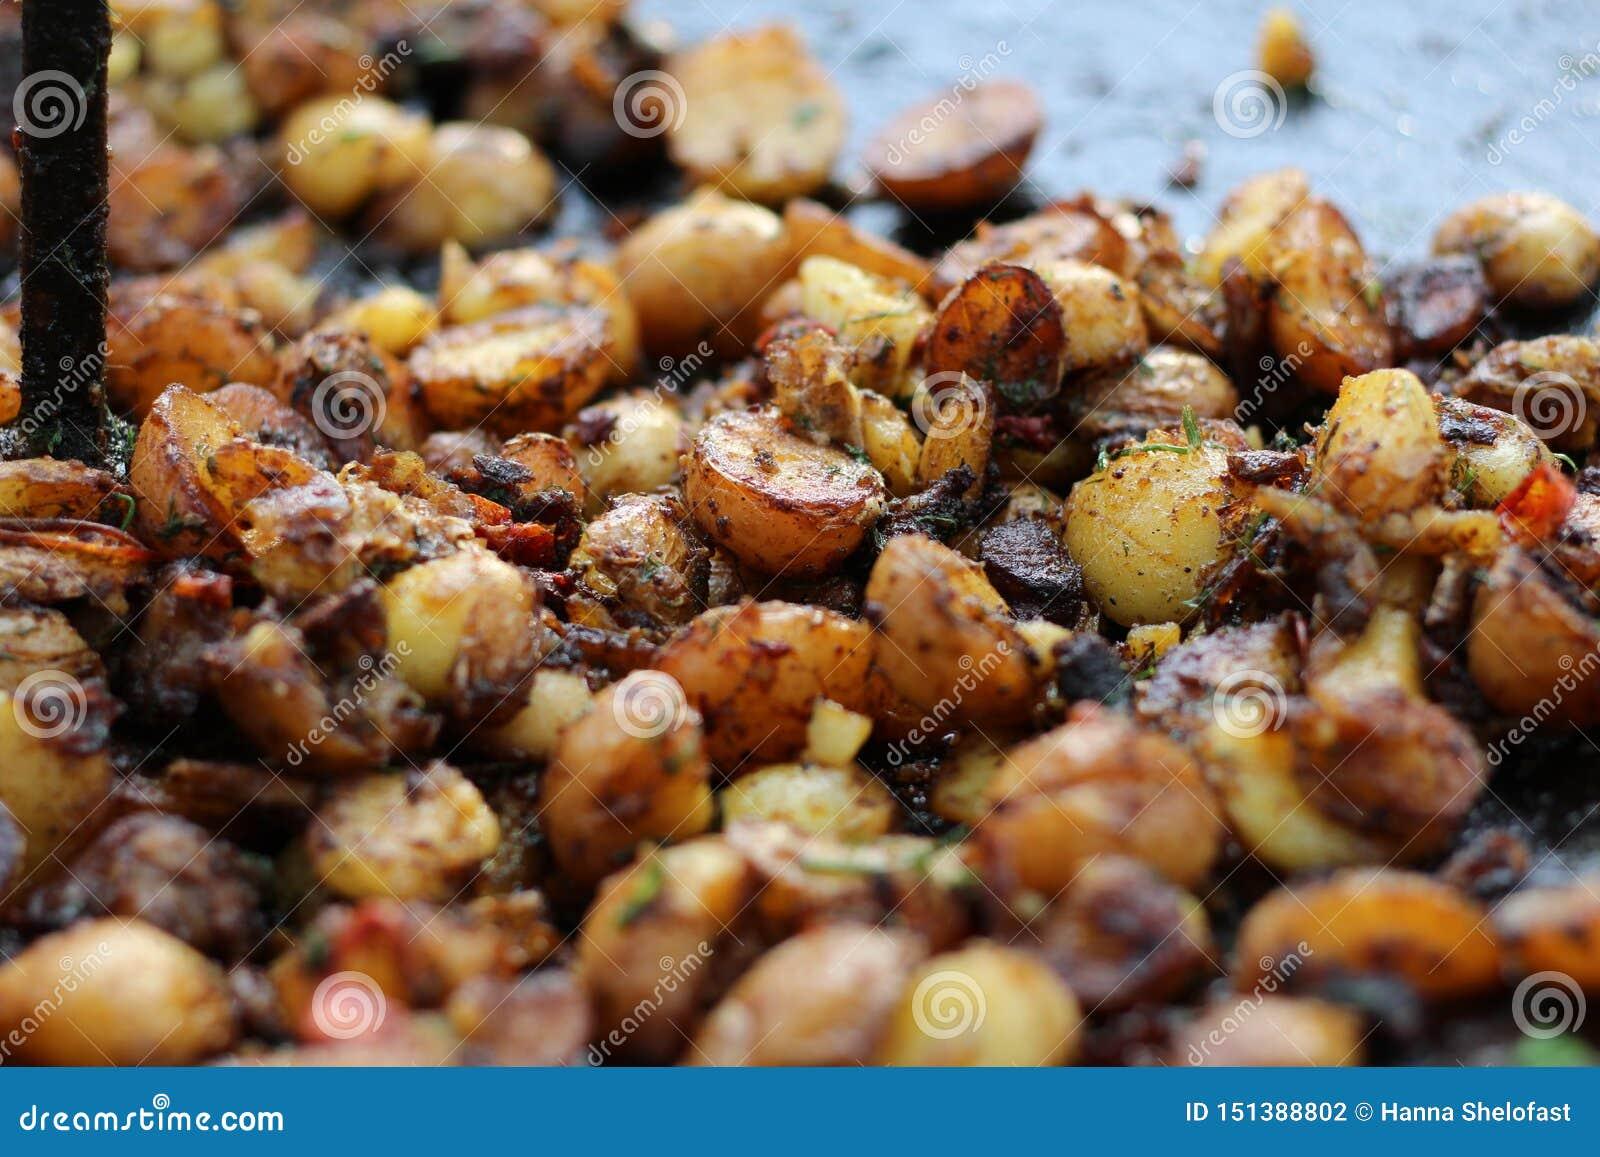 Geroosterde Jonge Aardappels met Kruiden